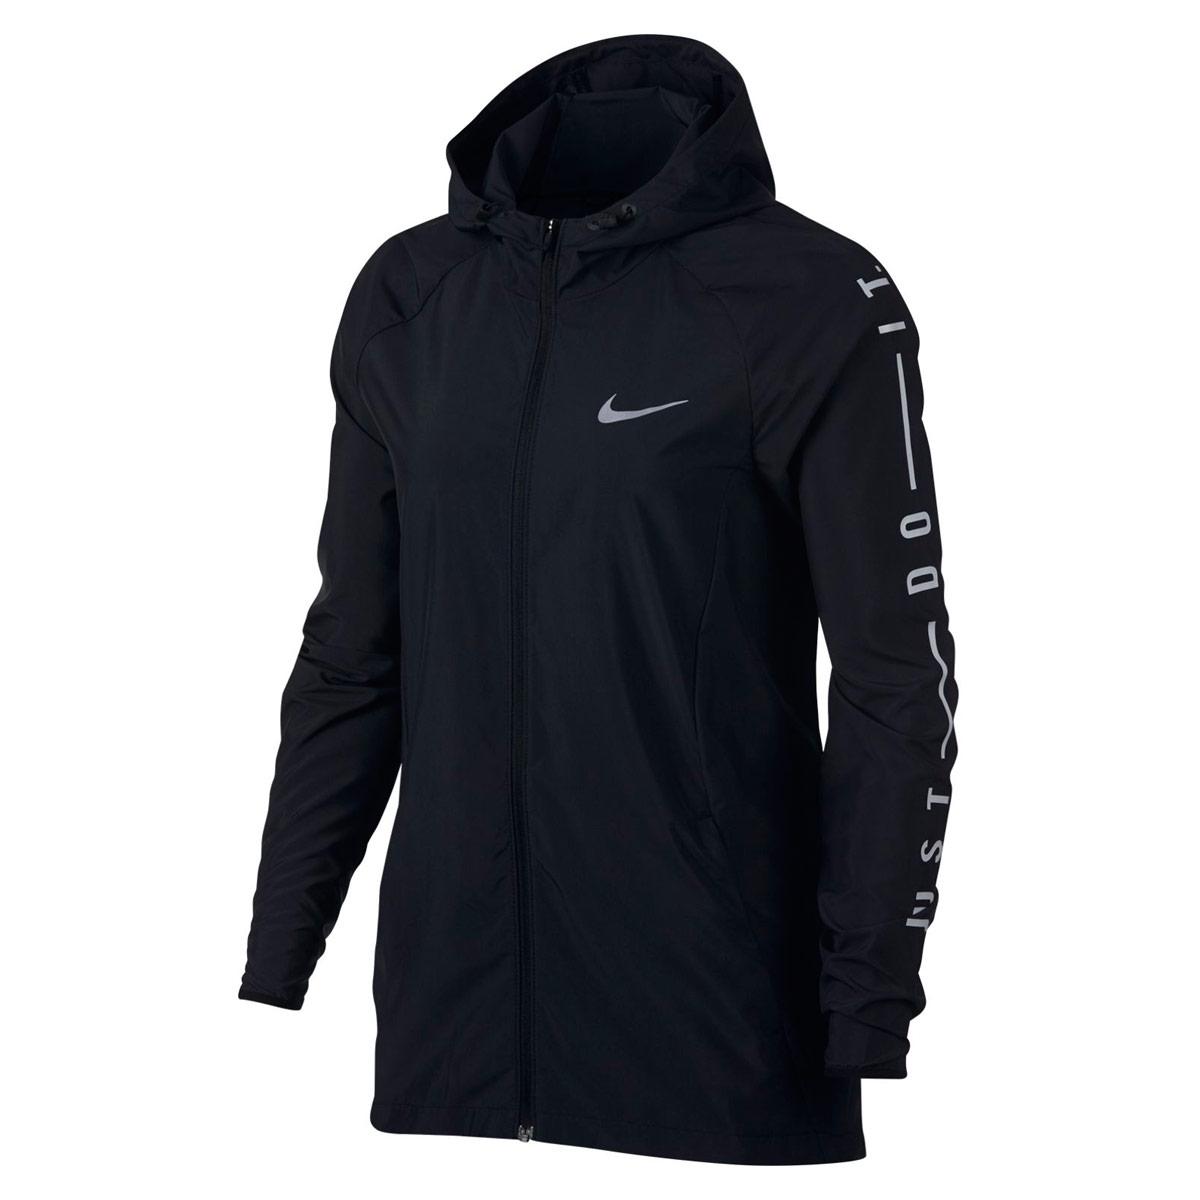 Essential Vestes Course Noir Femme Jacket Nike Pour Running sCBtrdxhQ